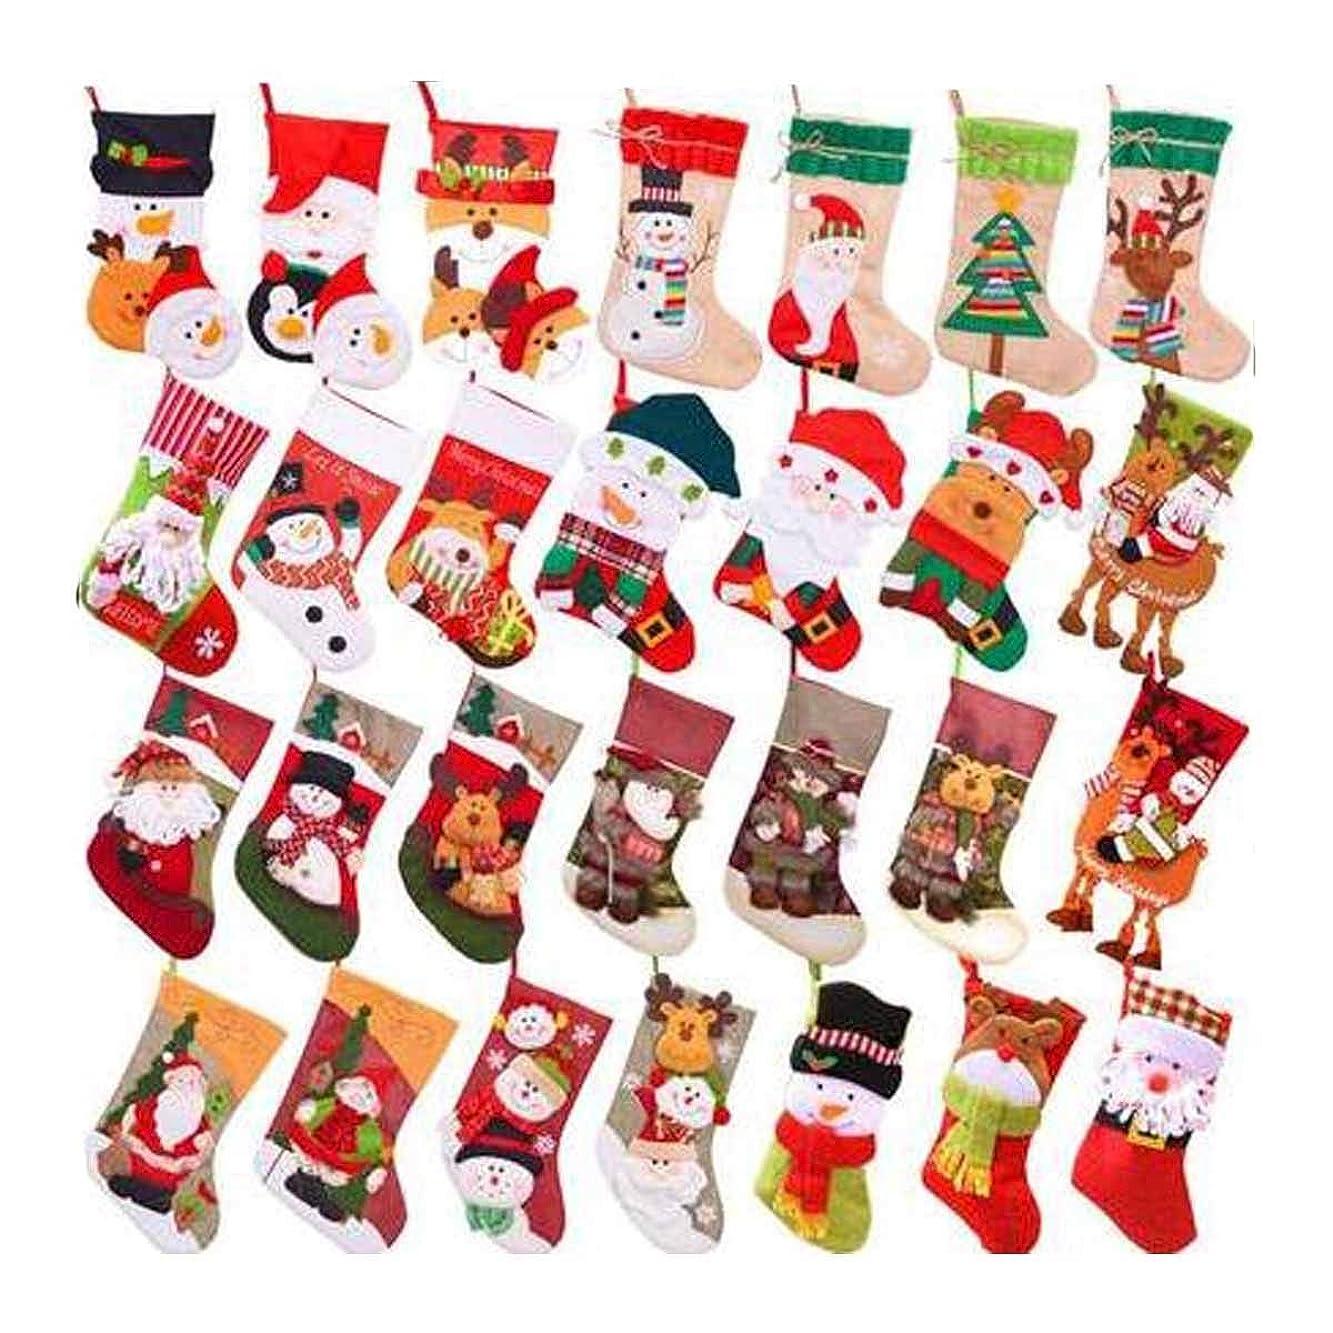 施設世代改修するクリスマスソックスギフトバッグクリスマスデコレーションギフトサンタ雪だるまソックスクリスマスギフトクリスマスソックスデコレーション (Color : J)